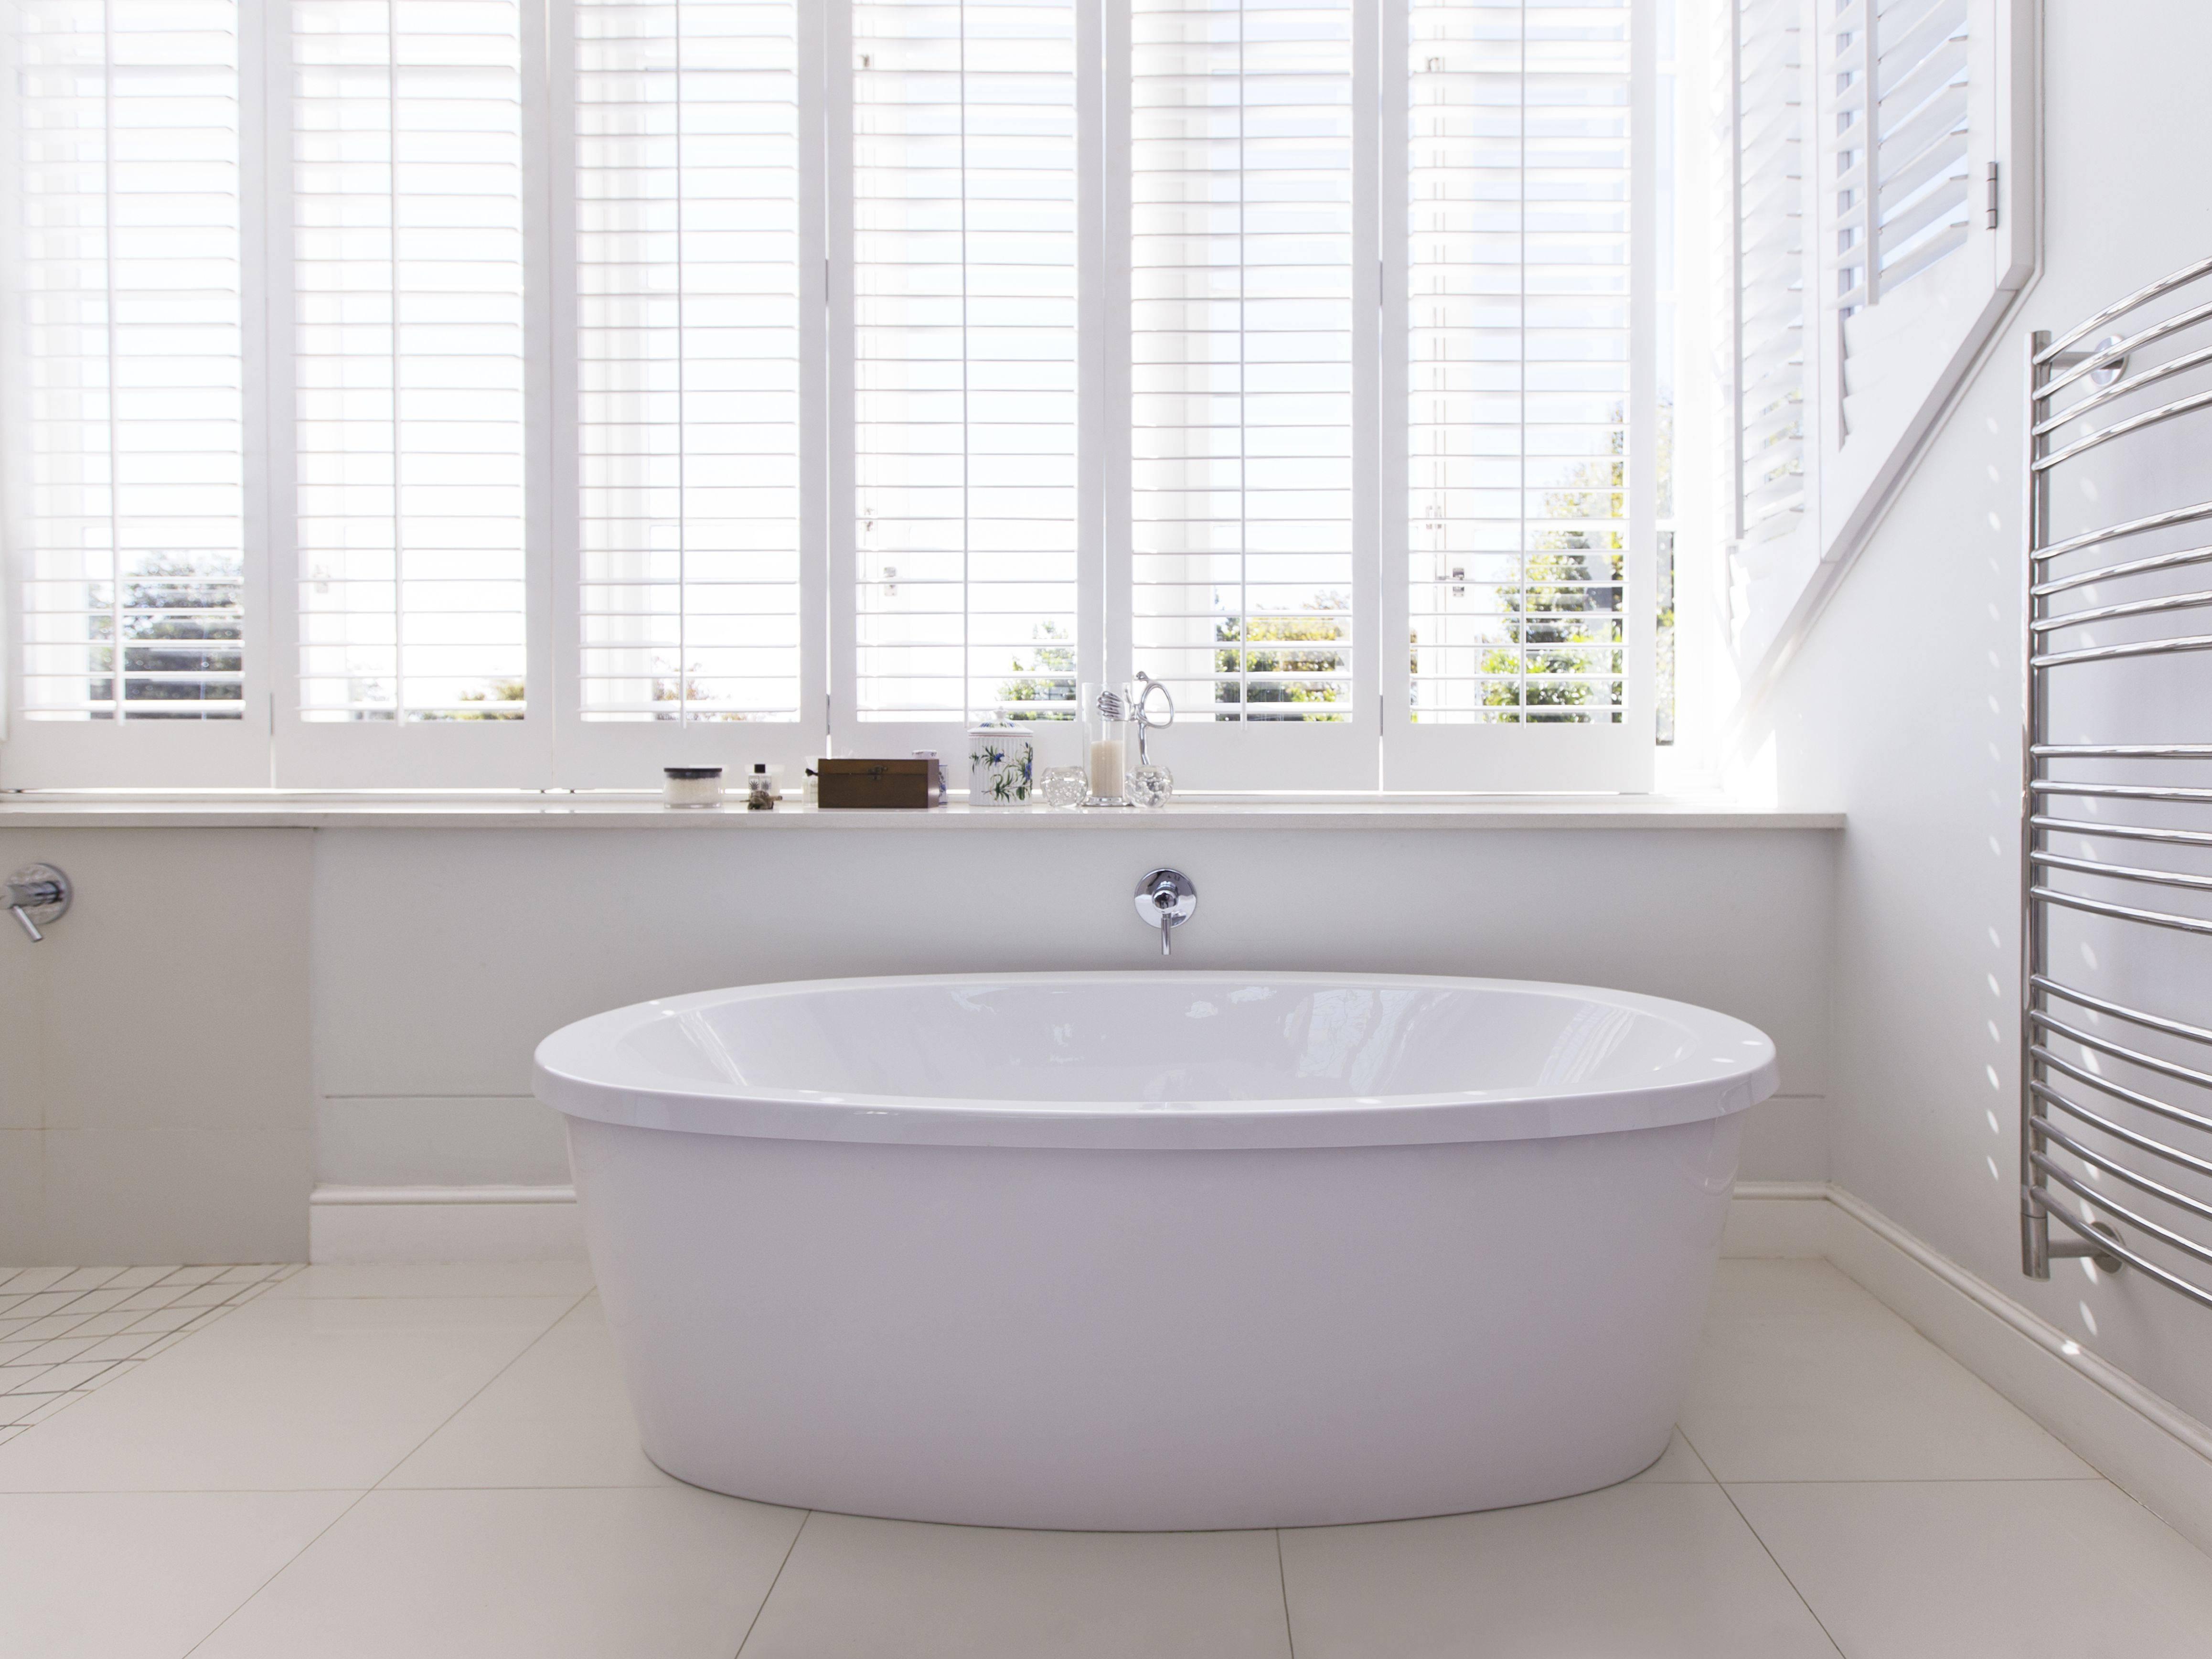 bathtub in modern bathroom cbe3849c3ae3edf3dd9efb0f3